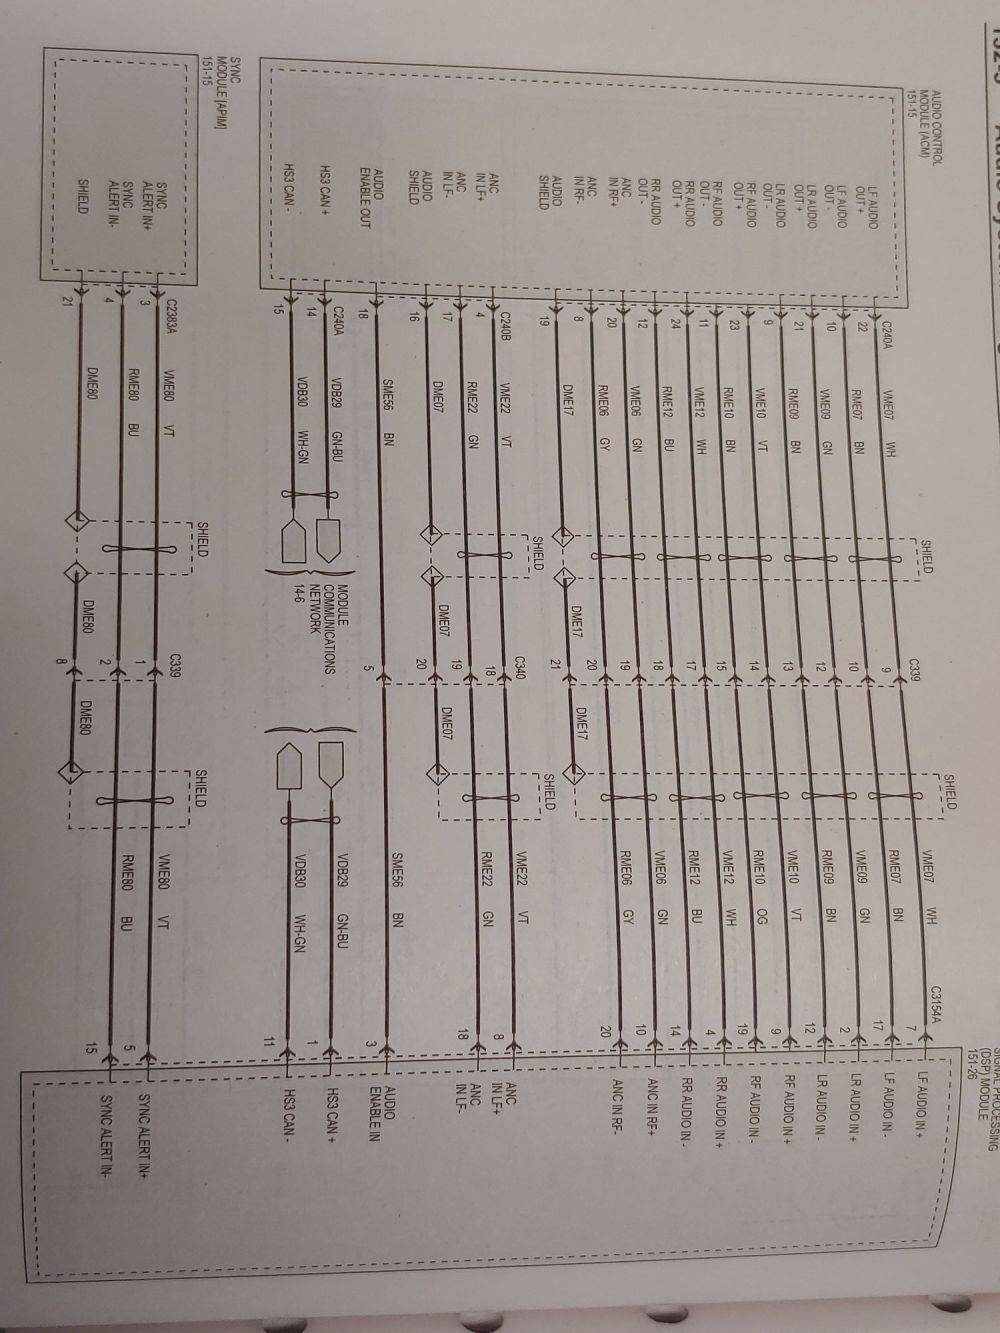 medium resolution of acm wiring diagram manual e book2018 f150 sync3 acm diagram ford f150 forum community of fordacm